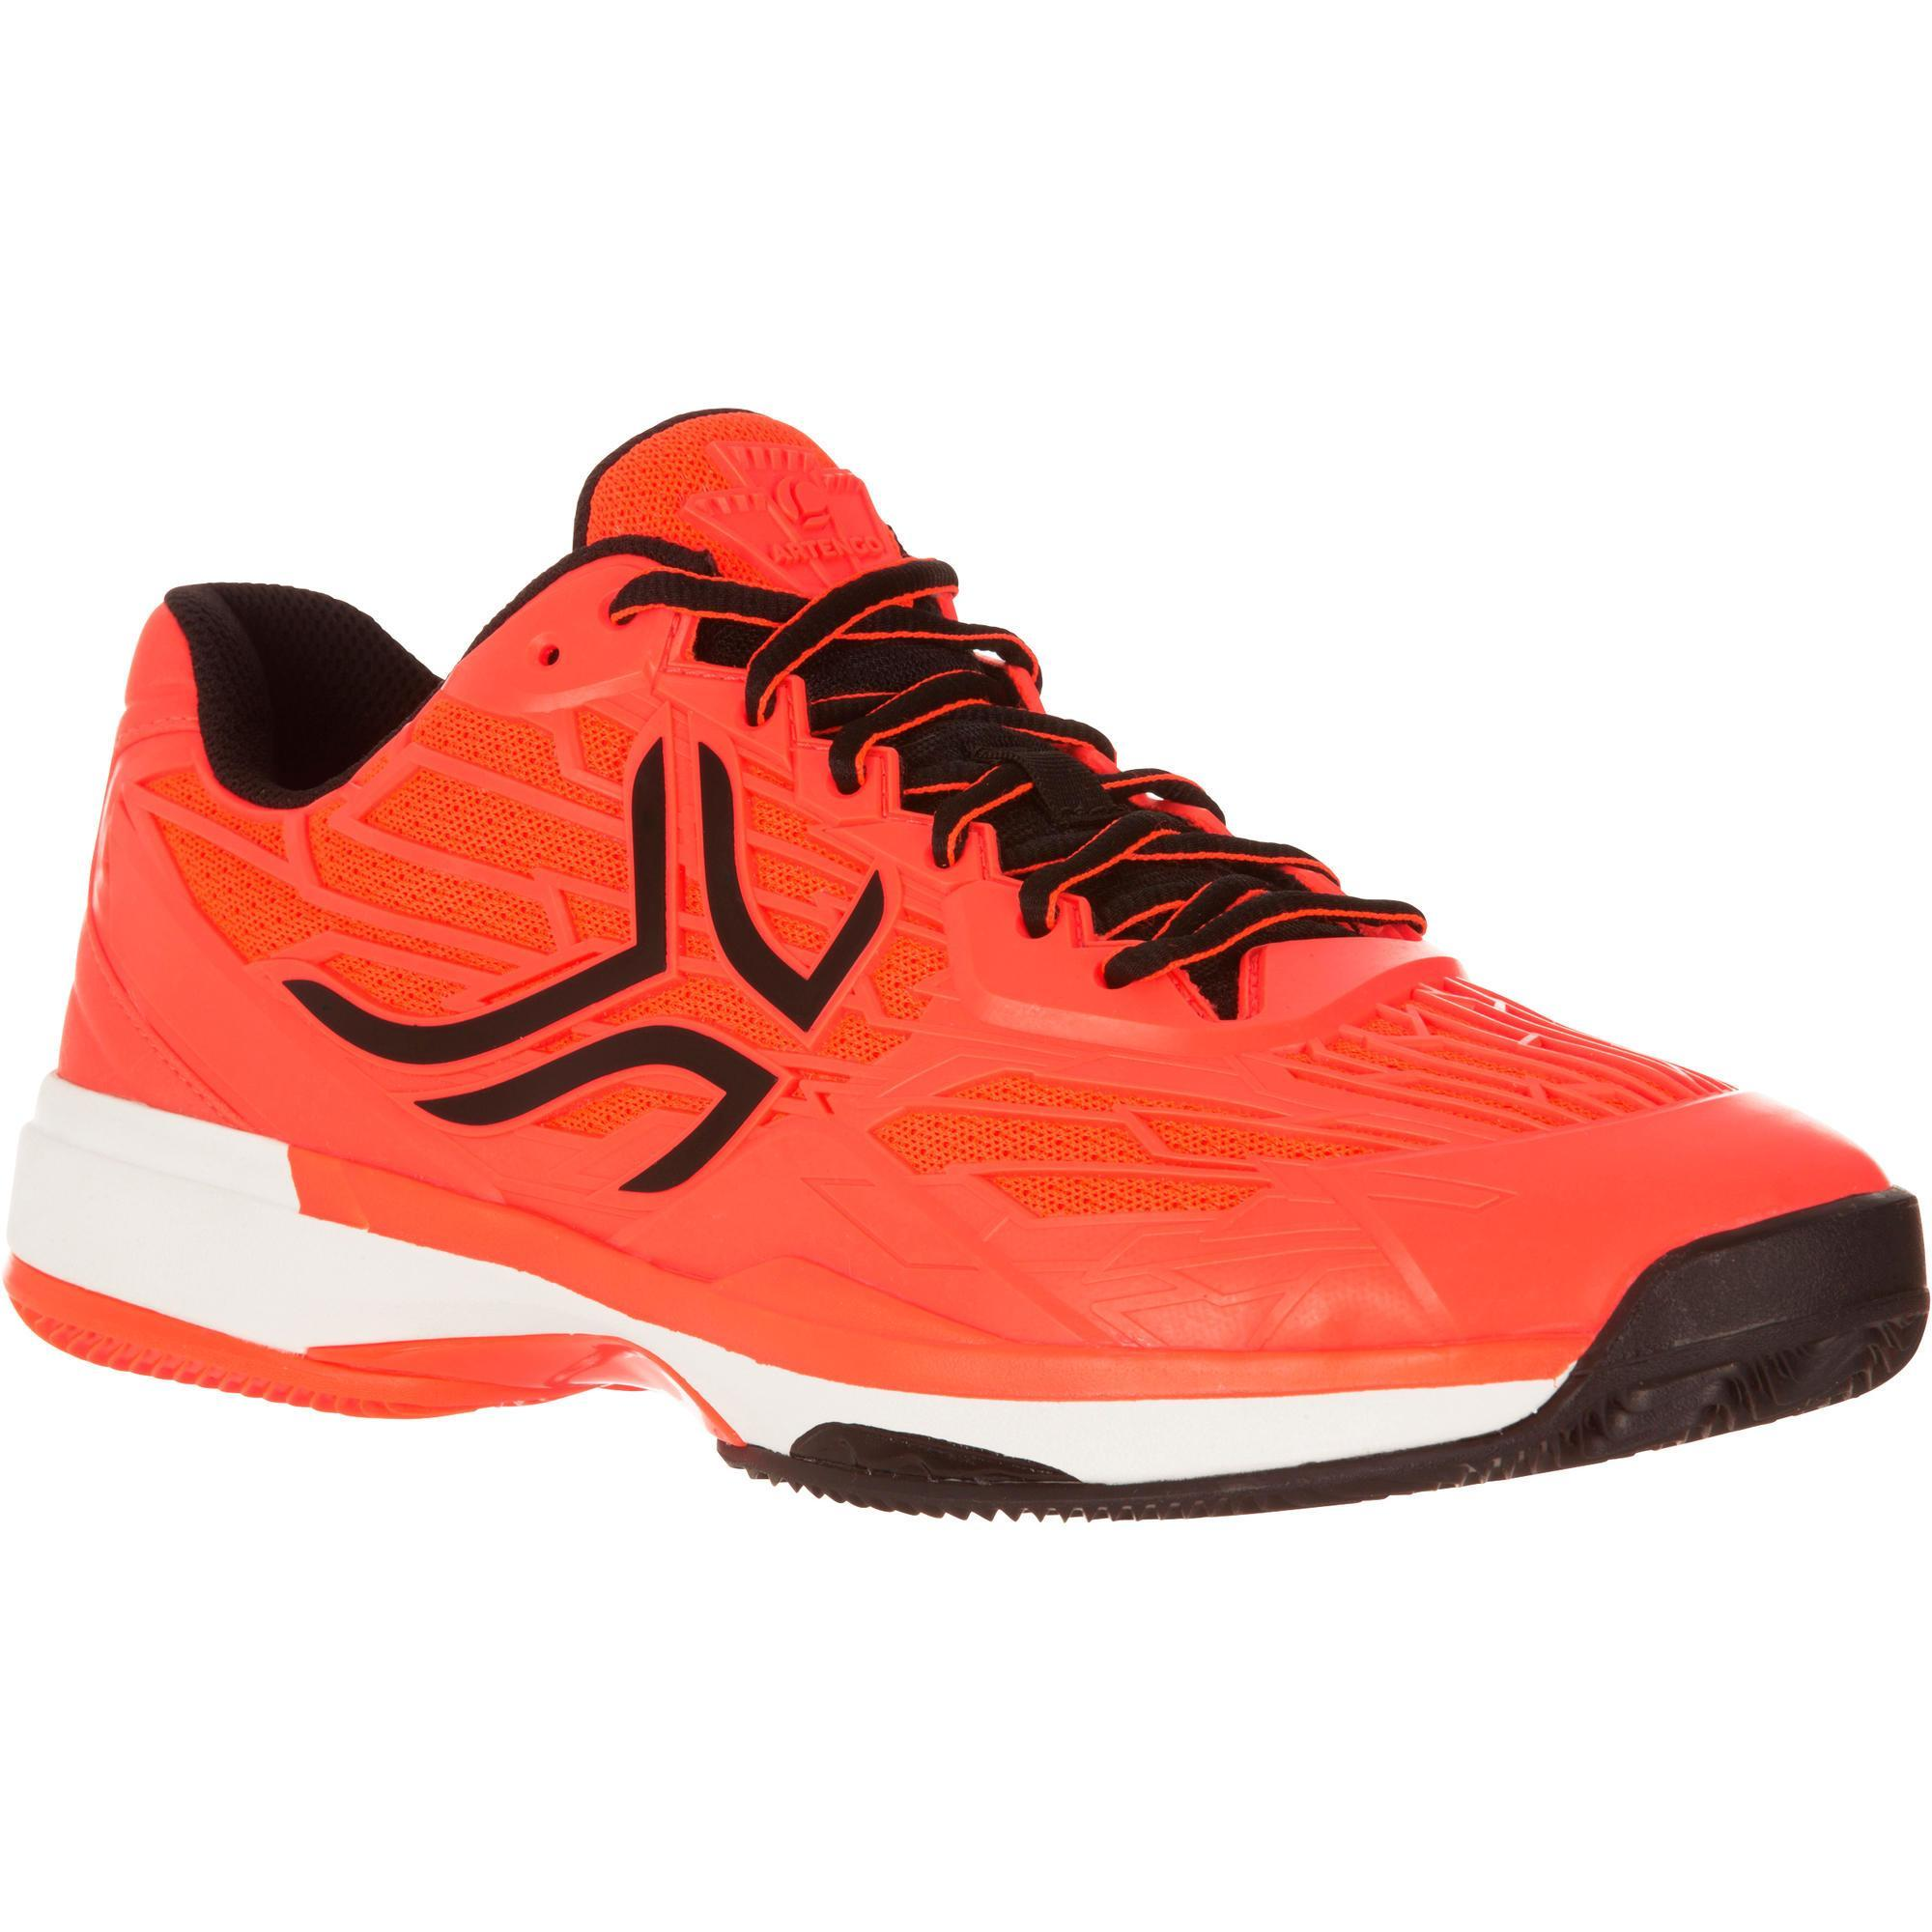 4ab2325ee6987 Comprar Zapatillas y calzado de tenis hombre